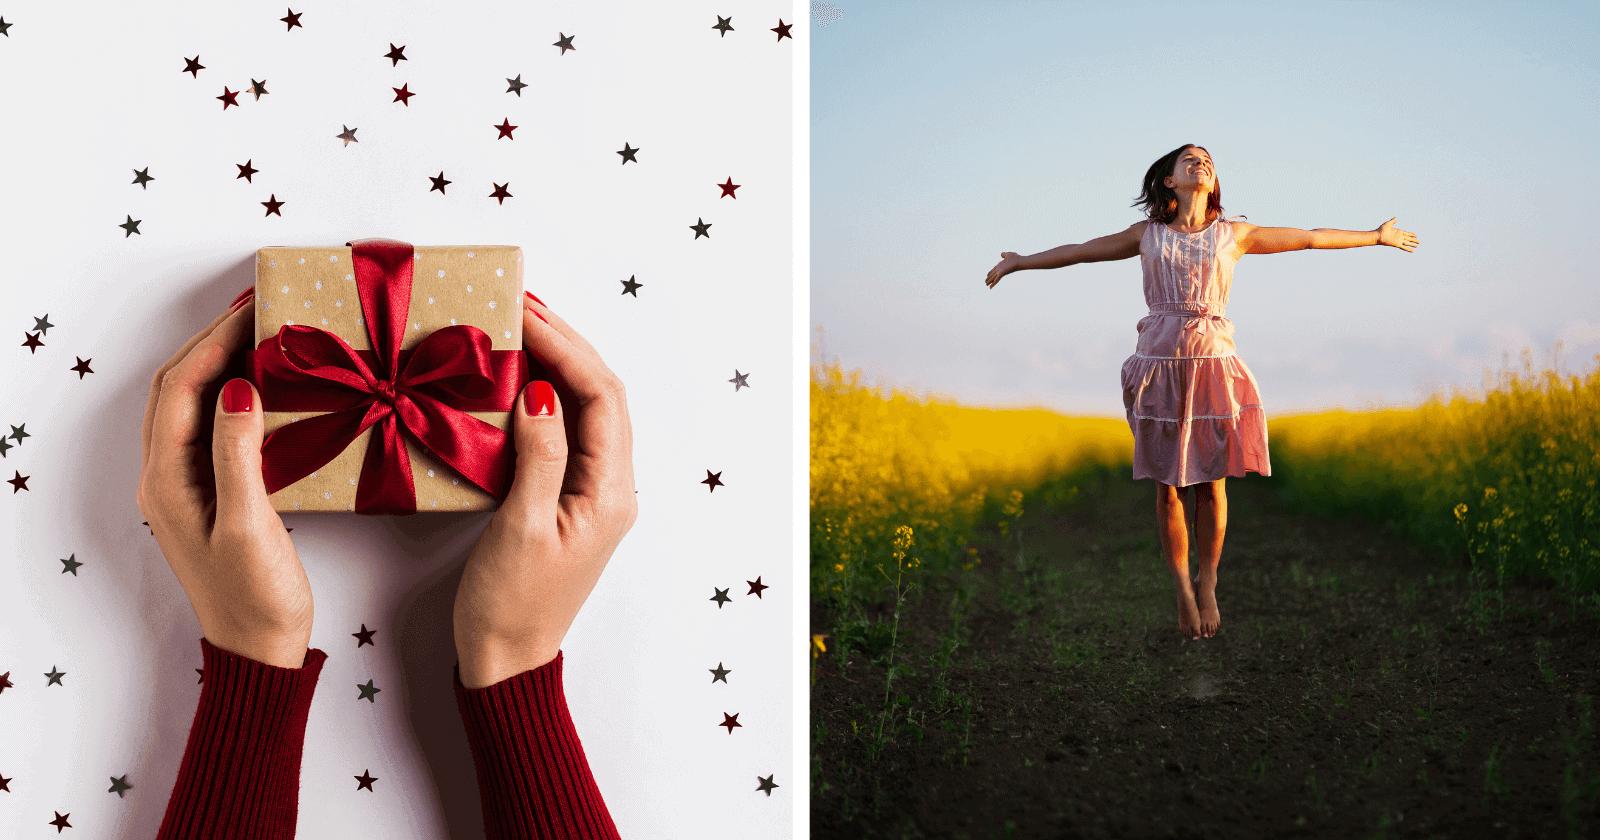 O Awebic tem uma linda mensagem de véspera de Natal especialmente para você!